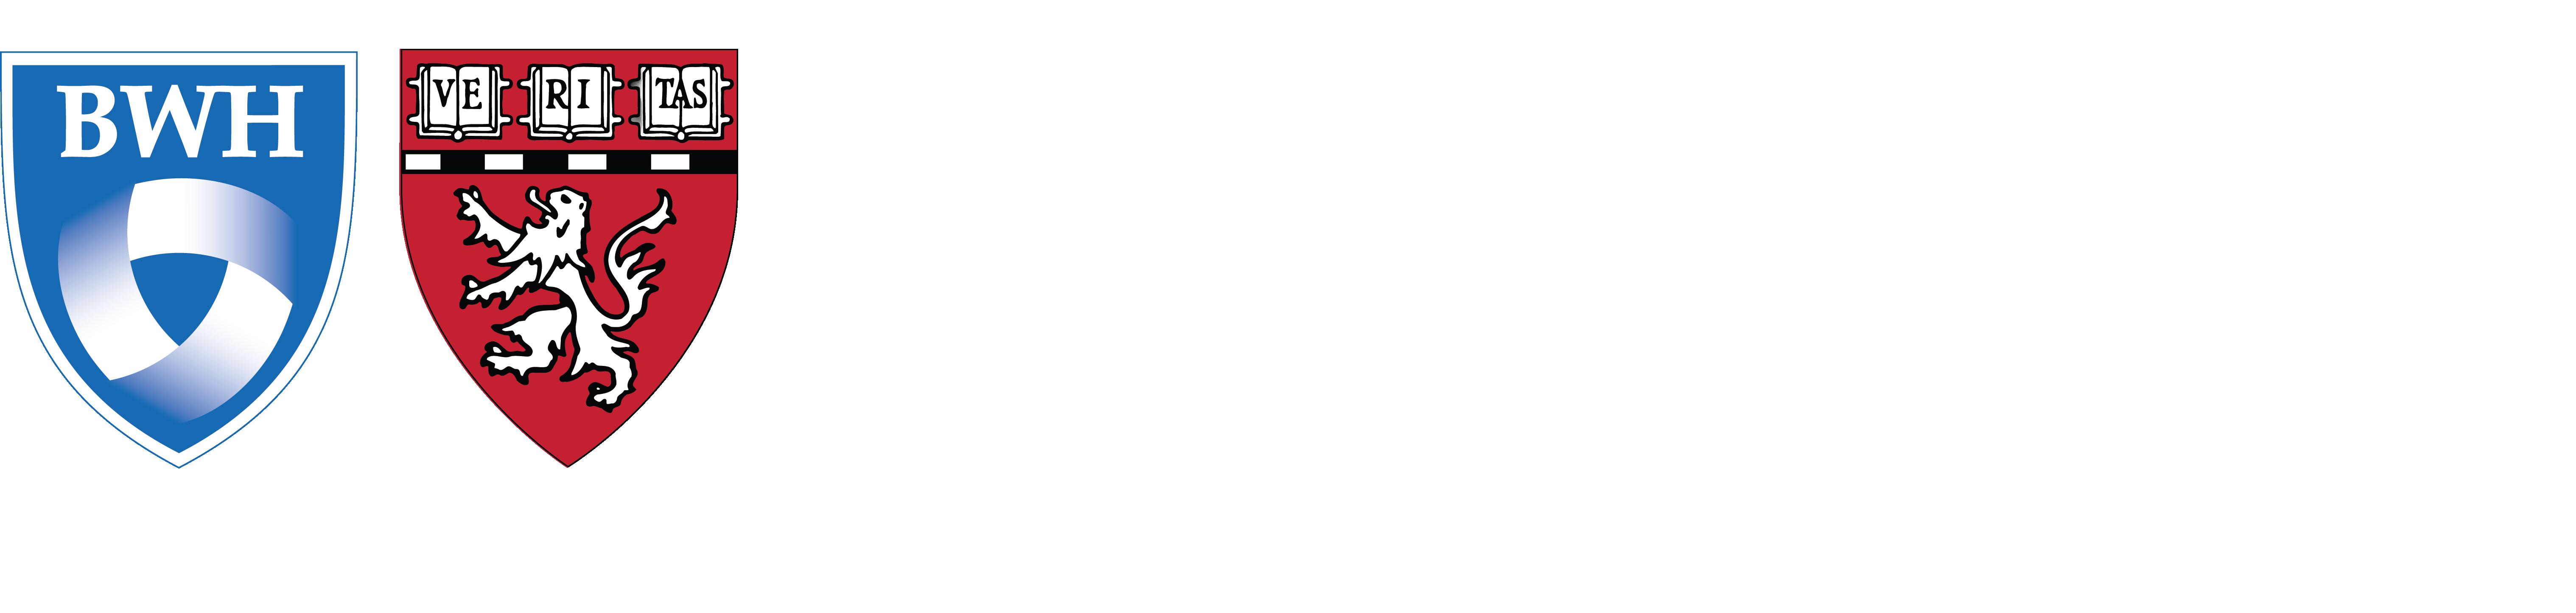 BEI LAB